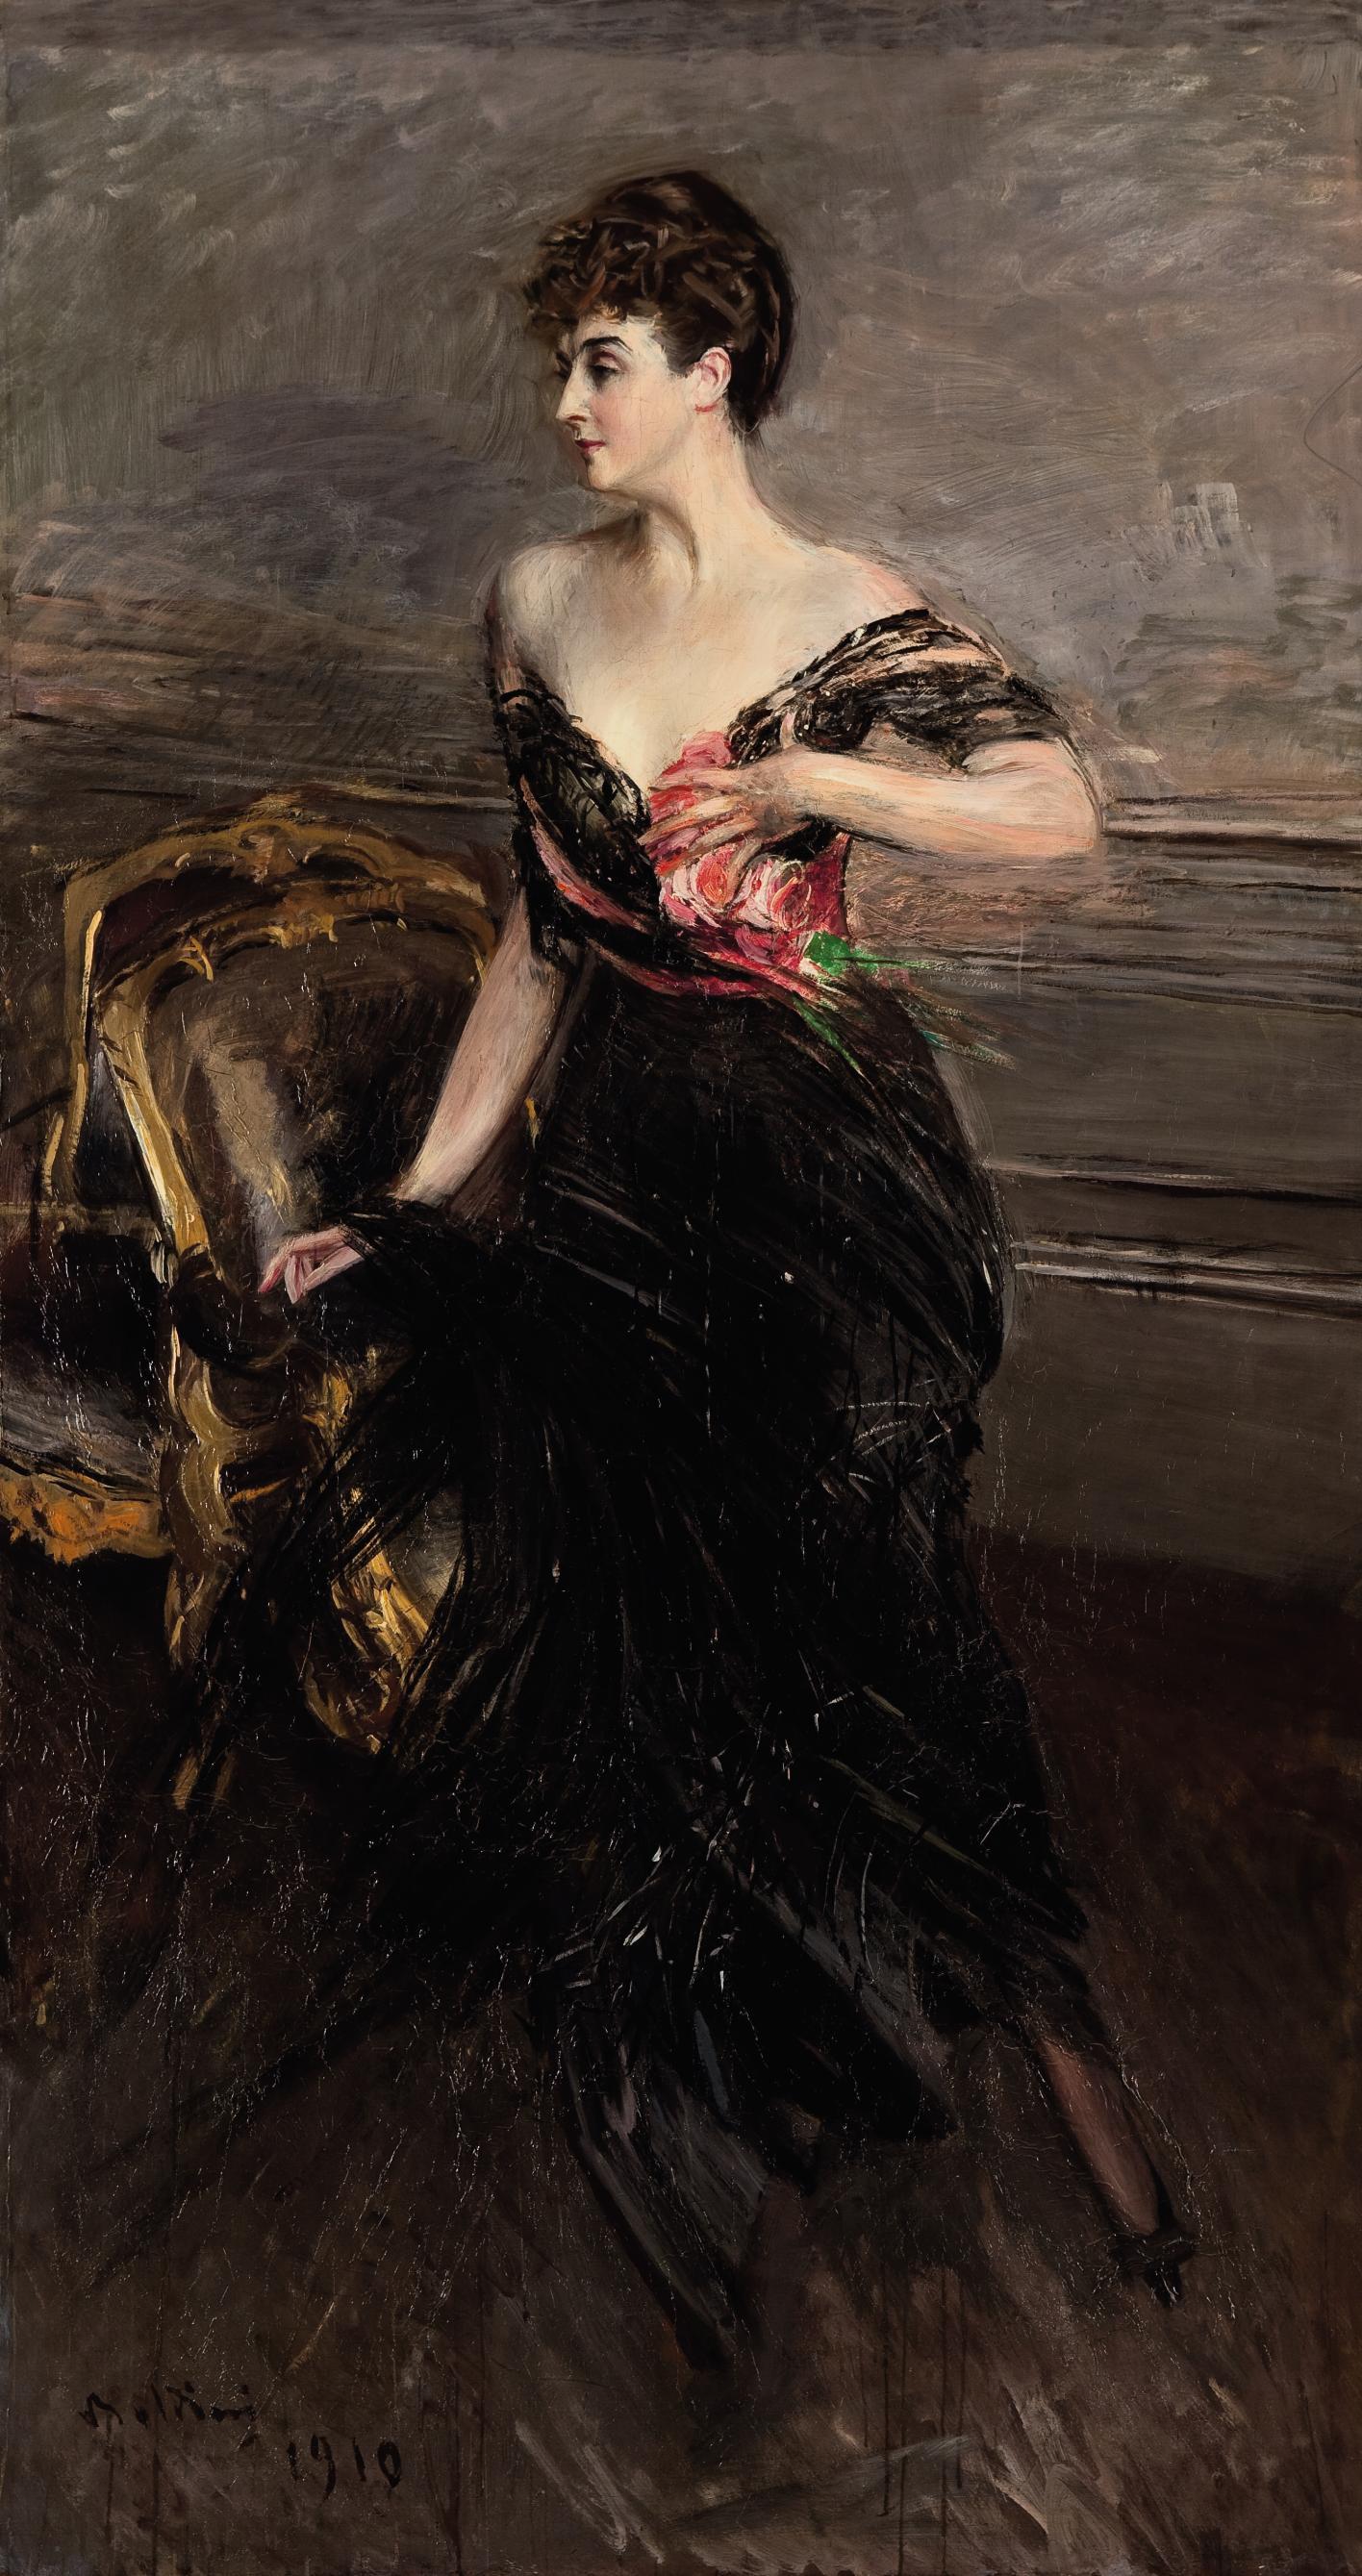 GIOVANNI BOLDINI (FERRARE 1842-1931 PARIS)